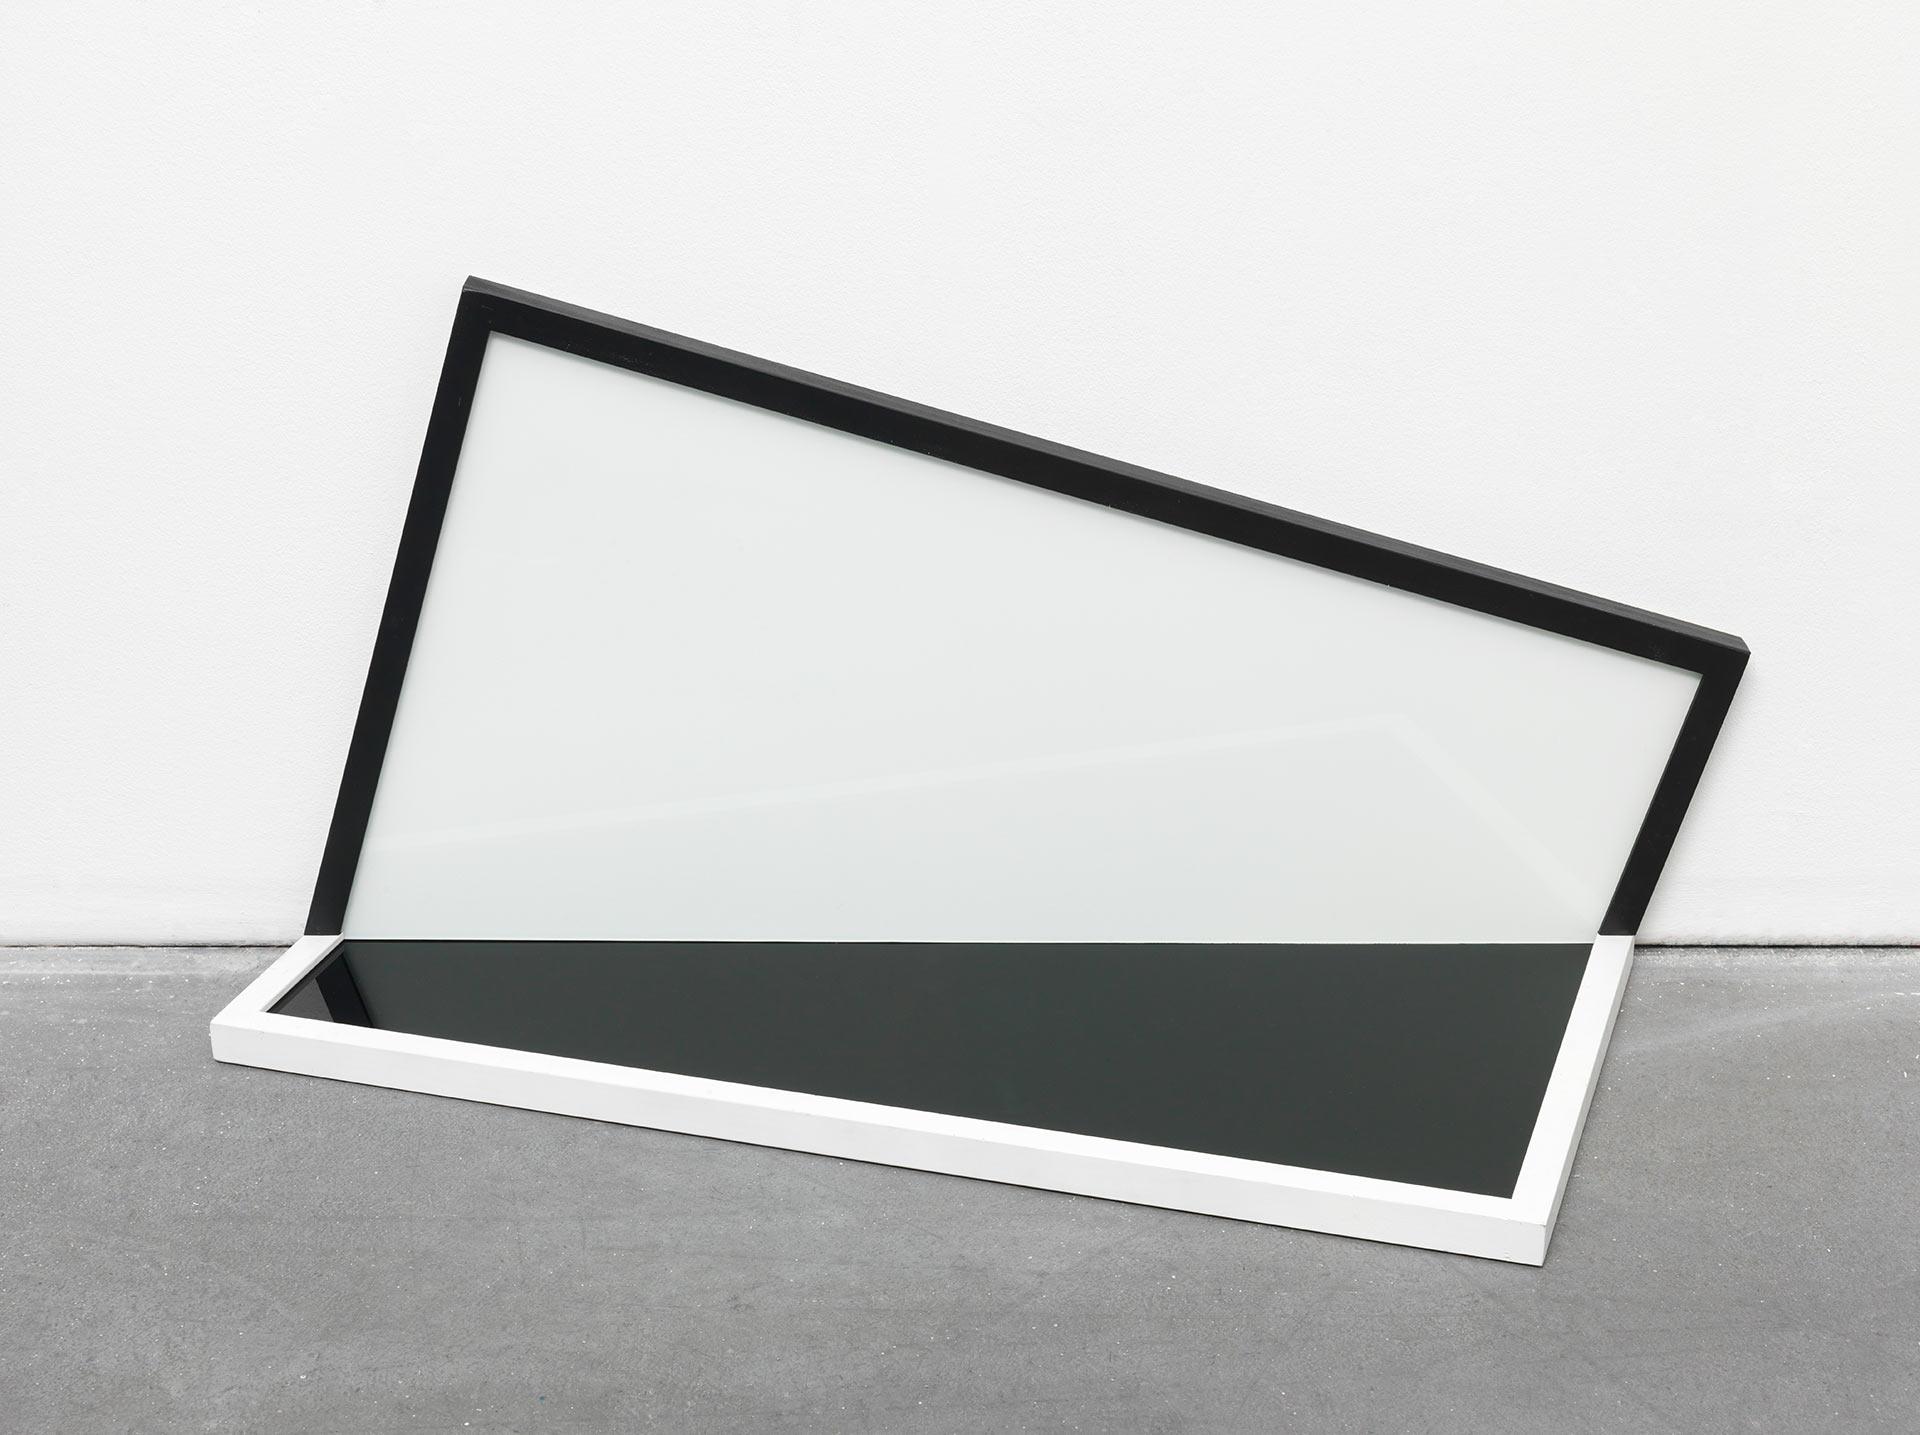 Untitled_Frame